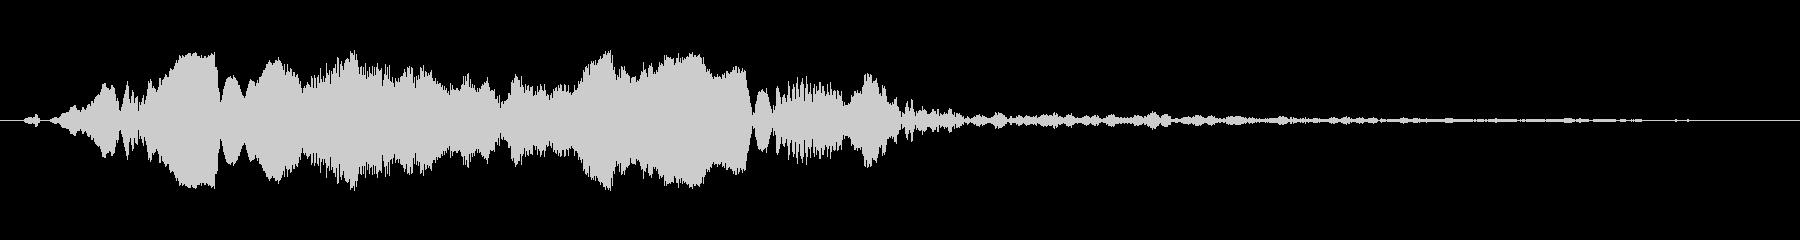 【鷹】とてもリアルな鷹、たかの鳴き声3!の未再生の波形